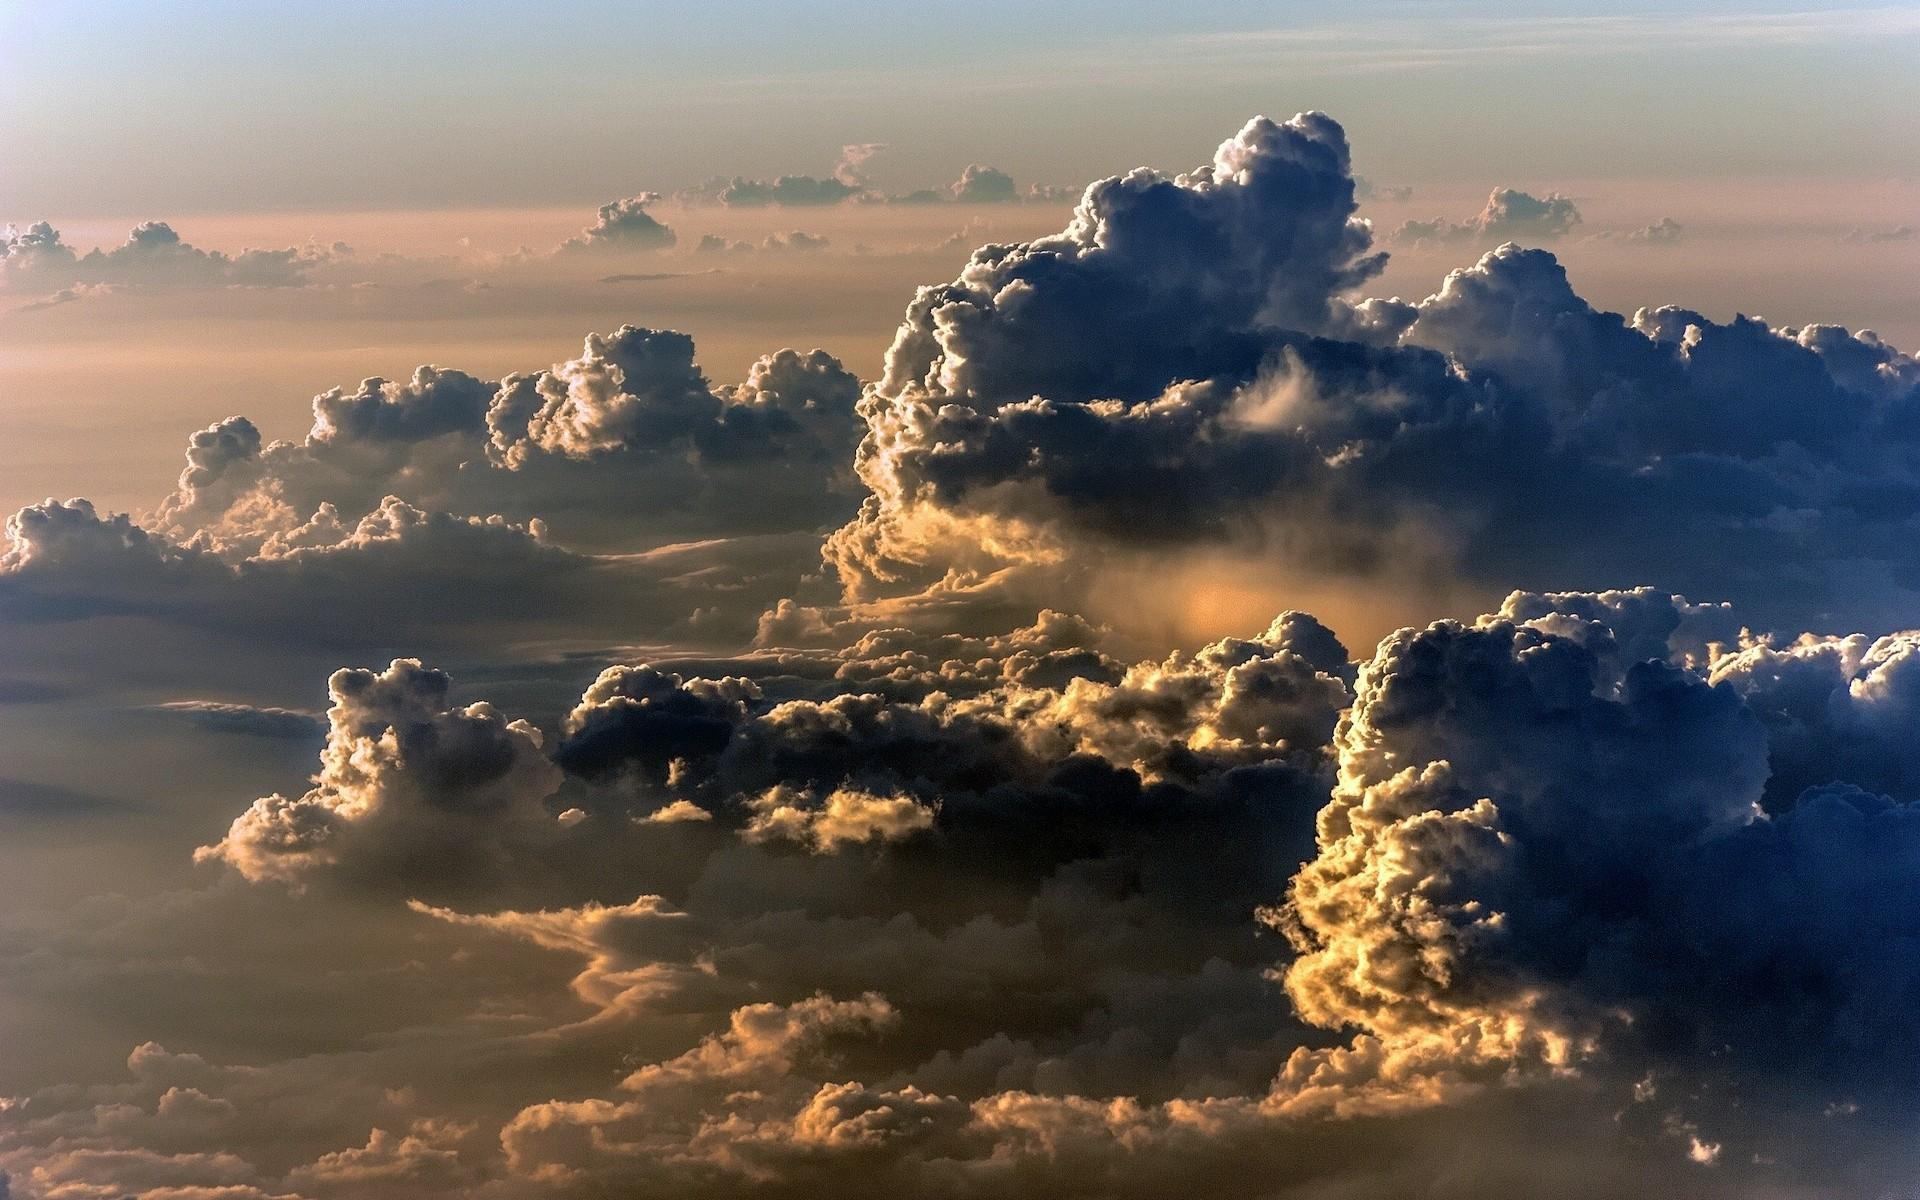 тема небо в фотоискусстве представлены